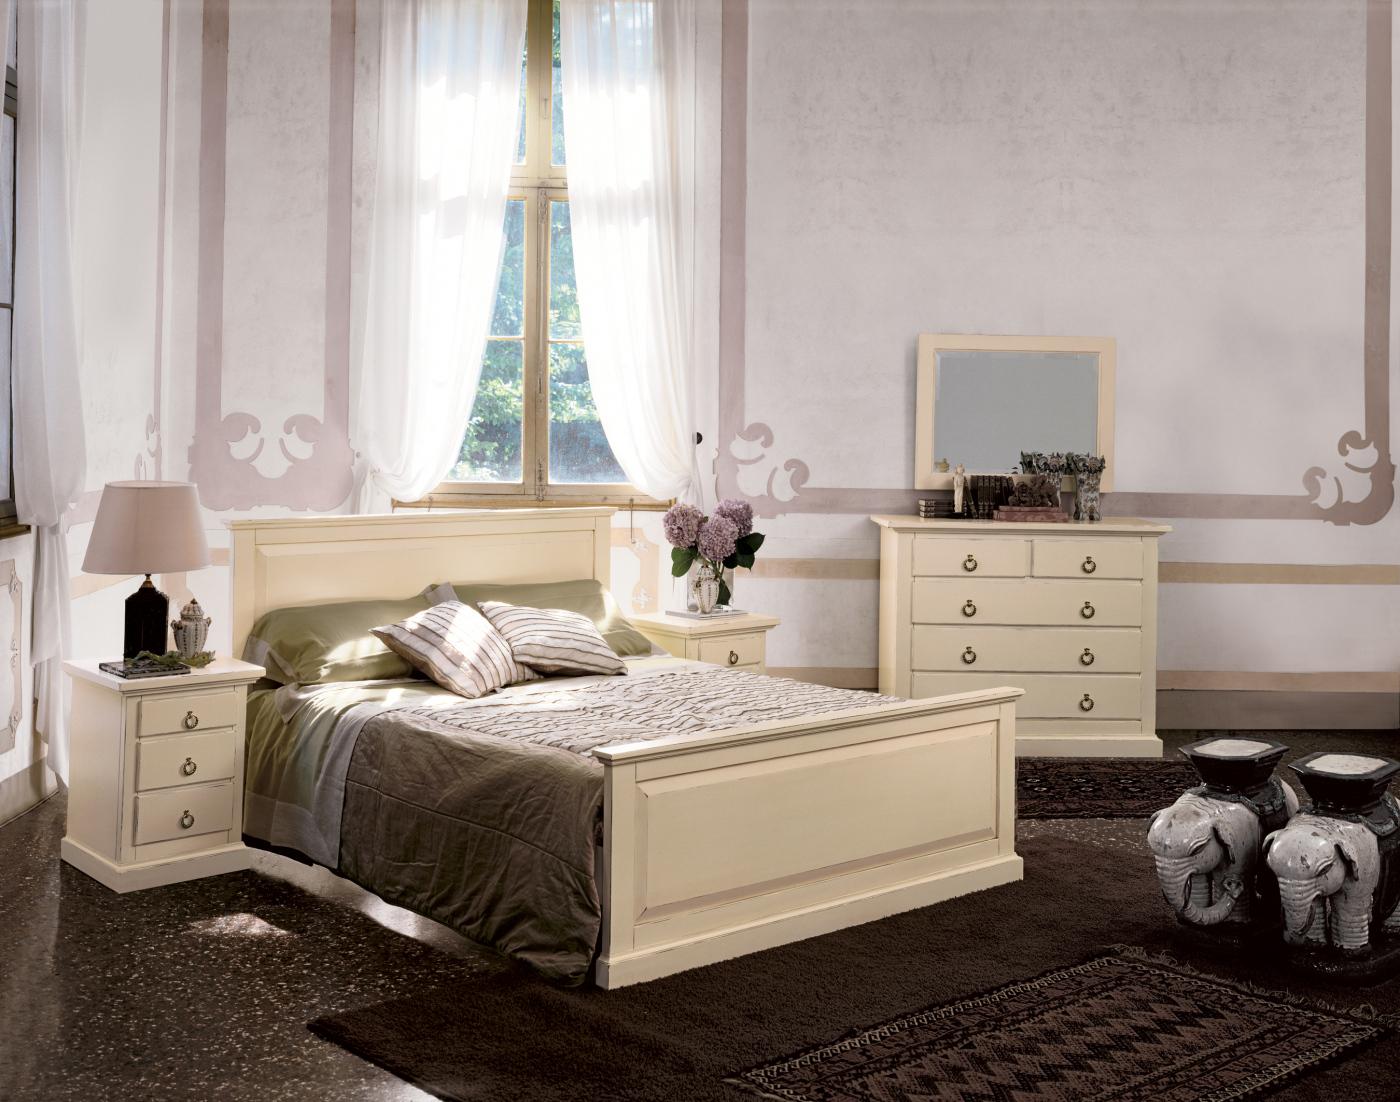 Letti in stile classico, leleganza in camera da letto!